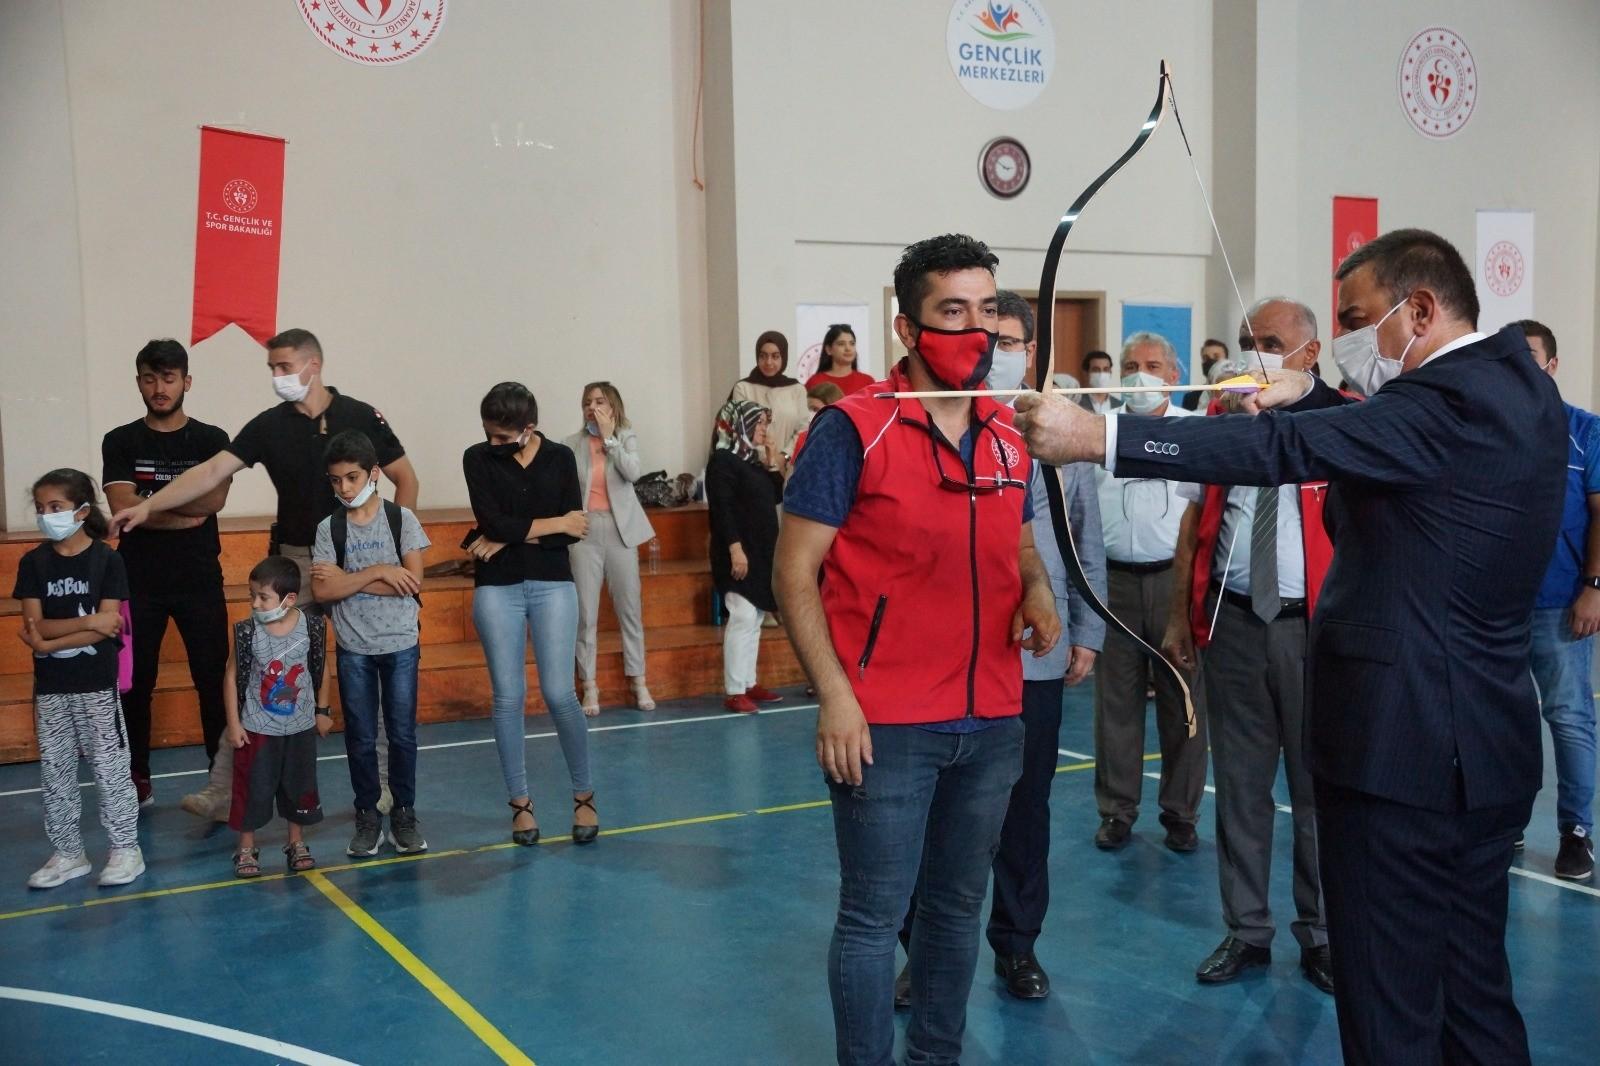 Siirt Valisi Hacıbektaşoğlu, sporcularla ok fırlattı